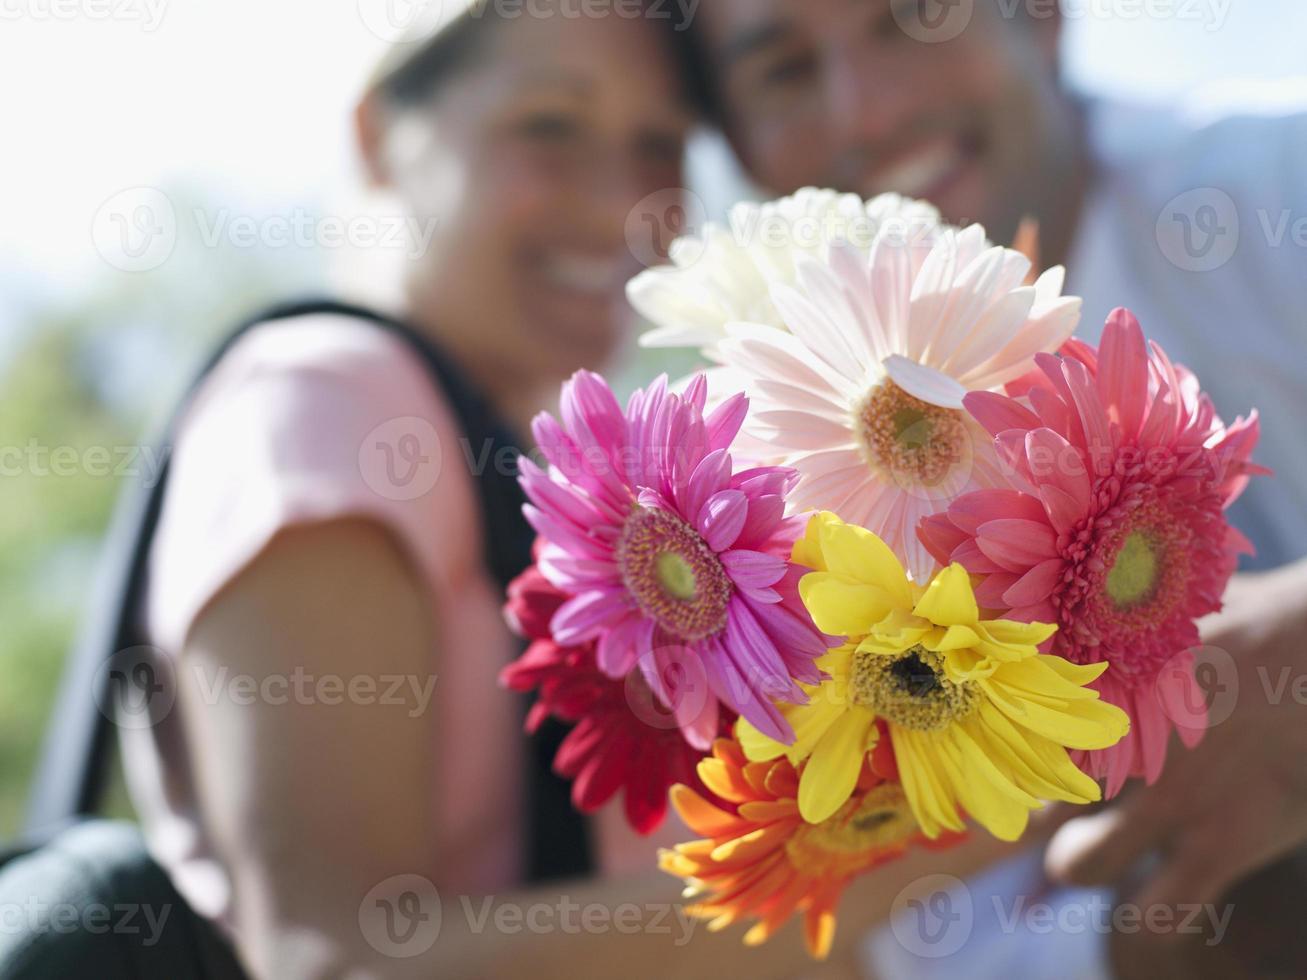 par som håller gäng färgglada blommor, närbild, fokus på fo foto